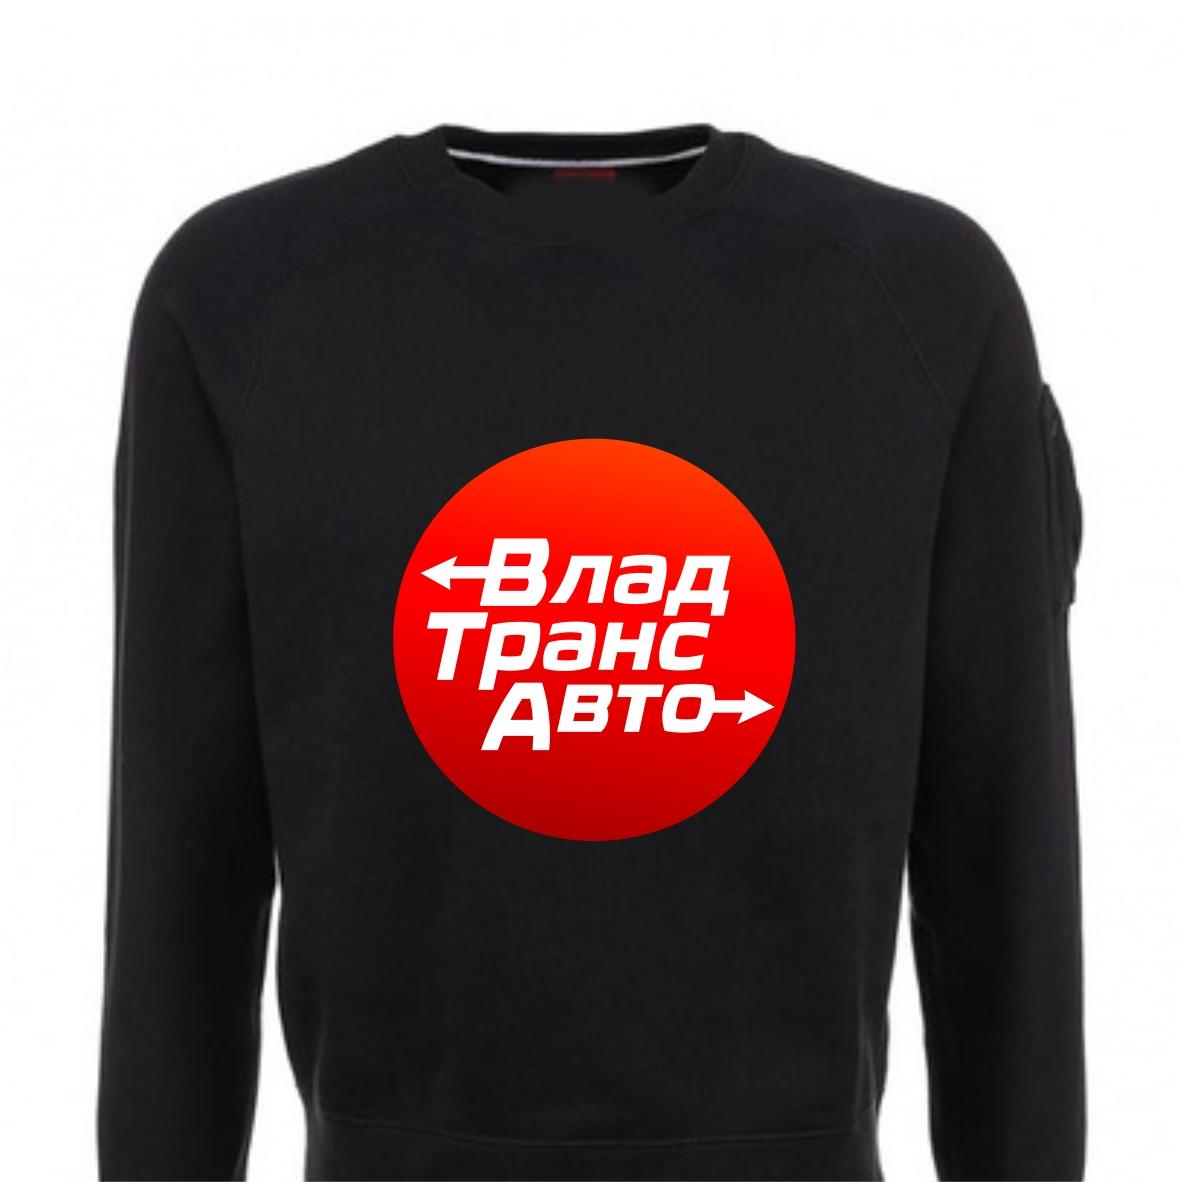 Логотип и фирменный стиль для транспортной компании Владтрансавто фото f_8885cdbad81c8869.jpg